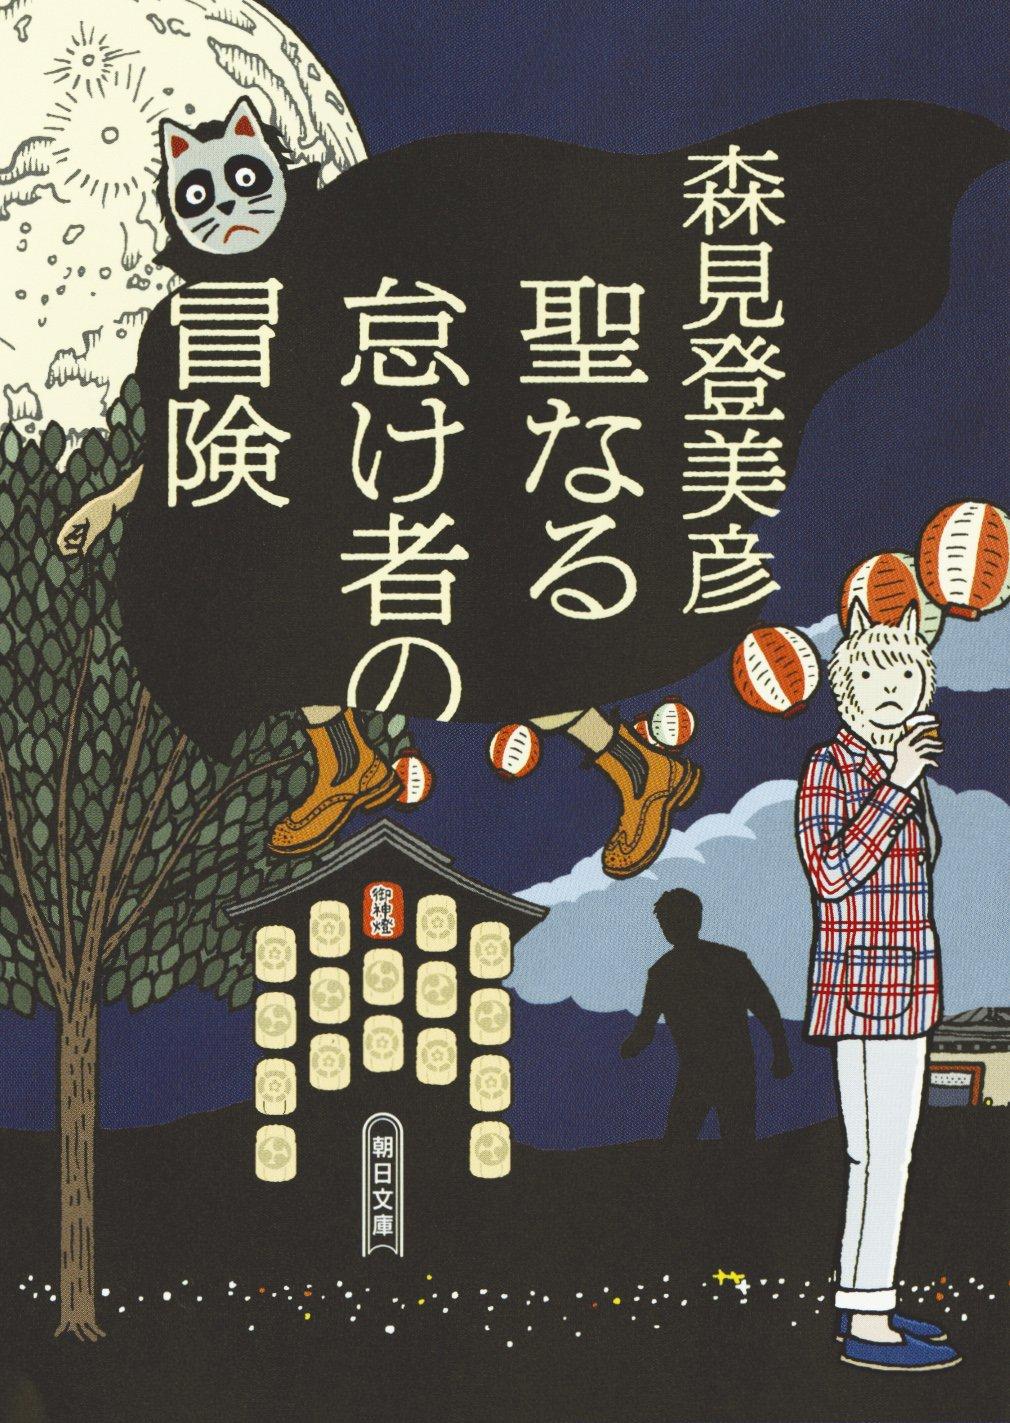 森見登美彦厳選おすすめ集!作品とその魅力をご紹介!のサムネイル画像